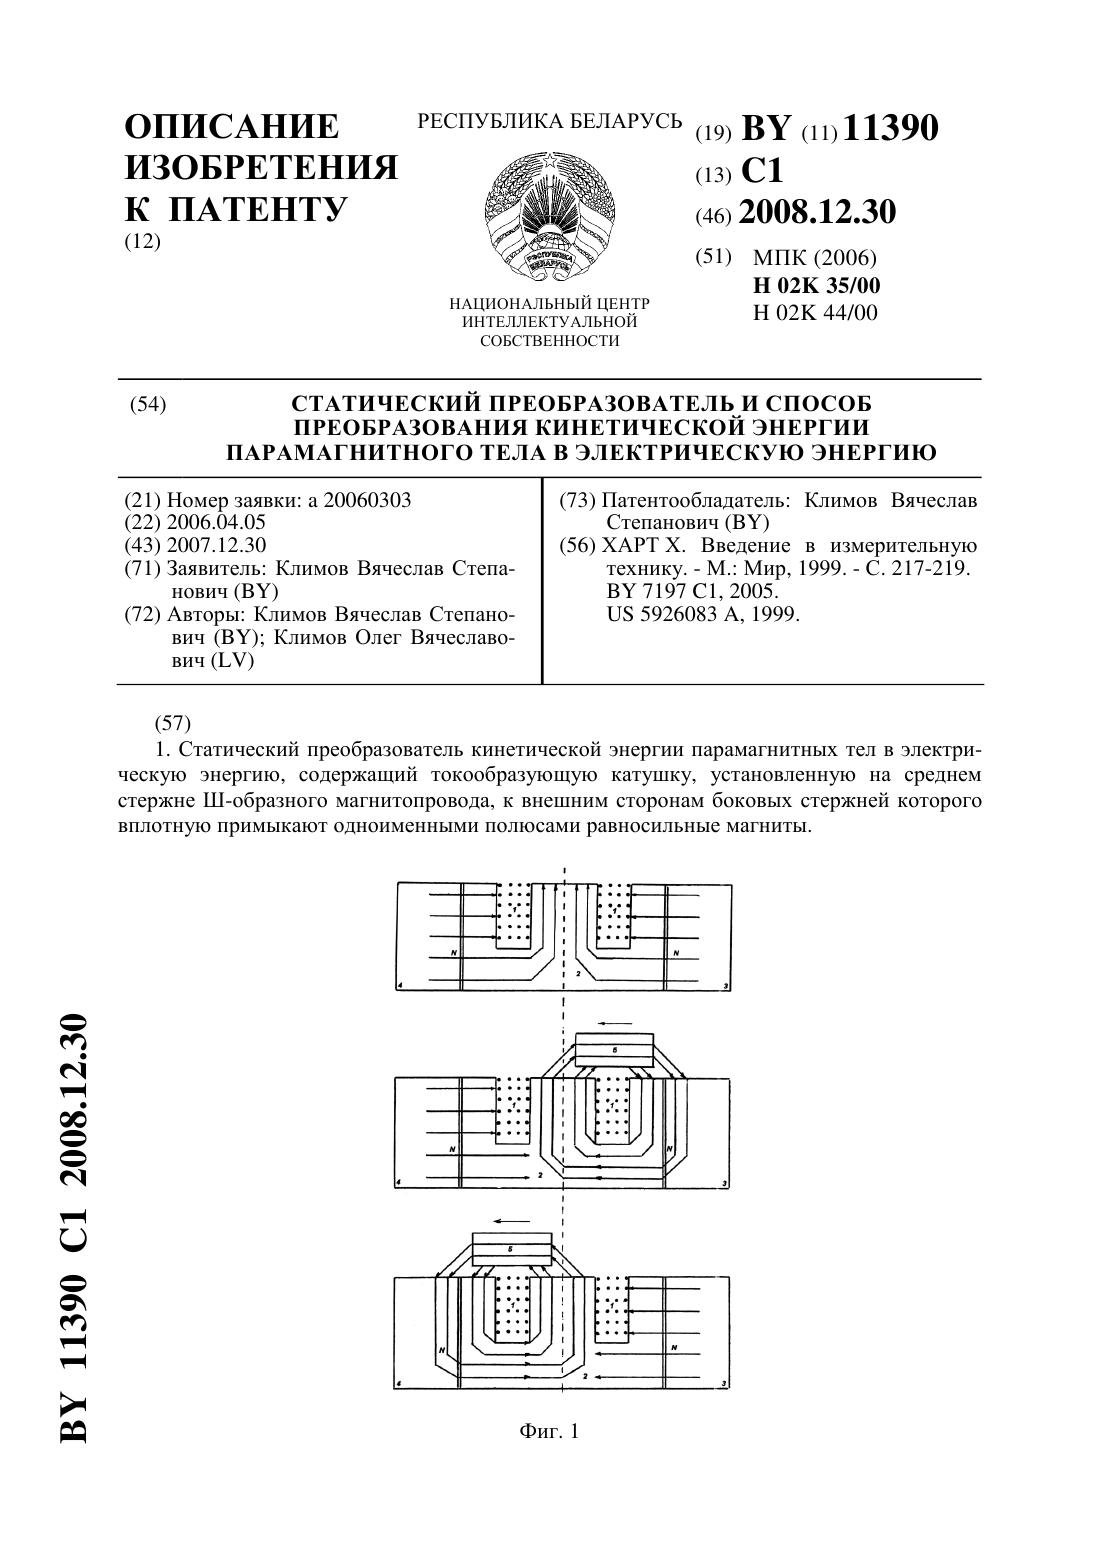 преобразователь ф 4233 2 схема